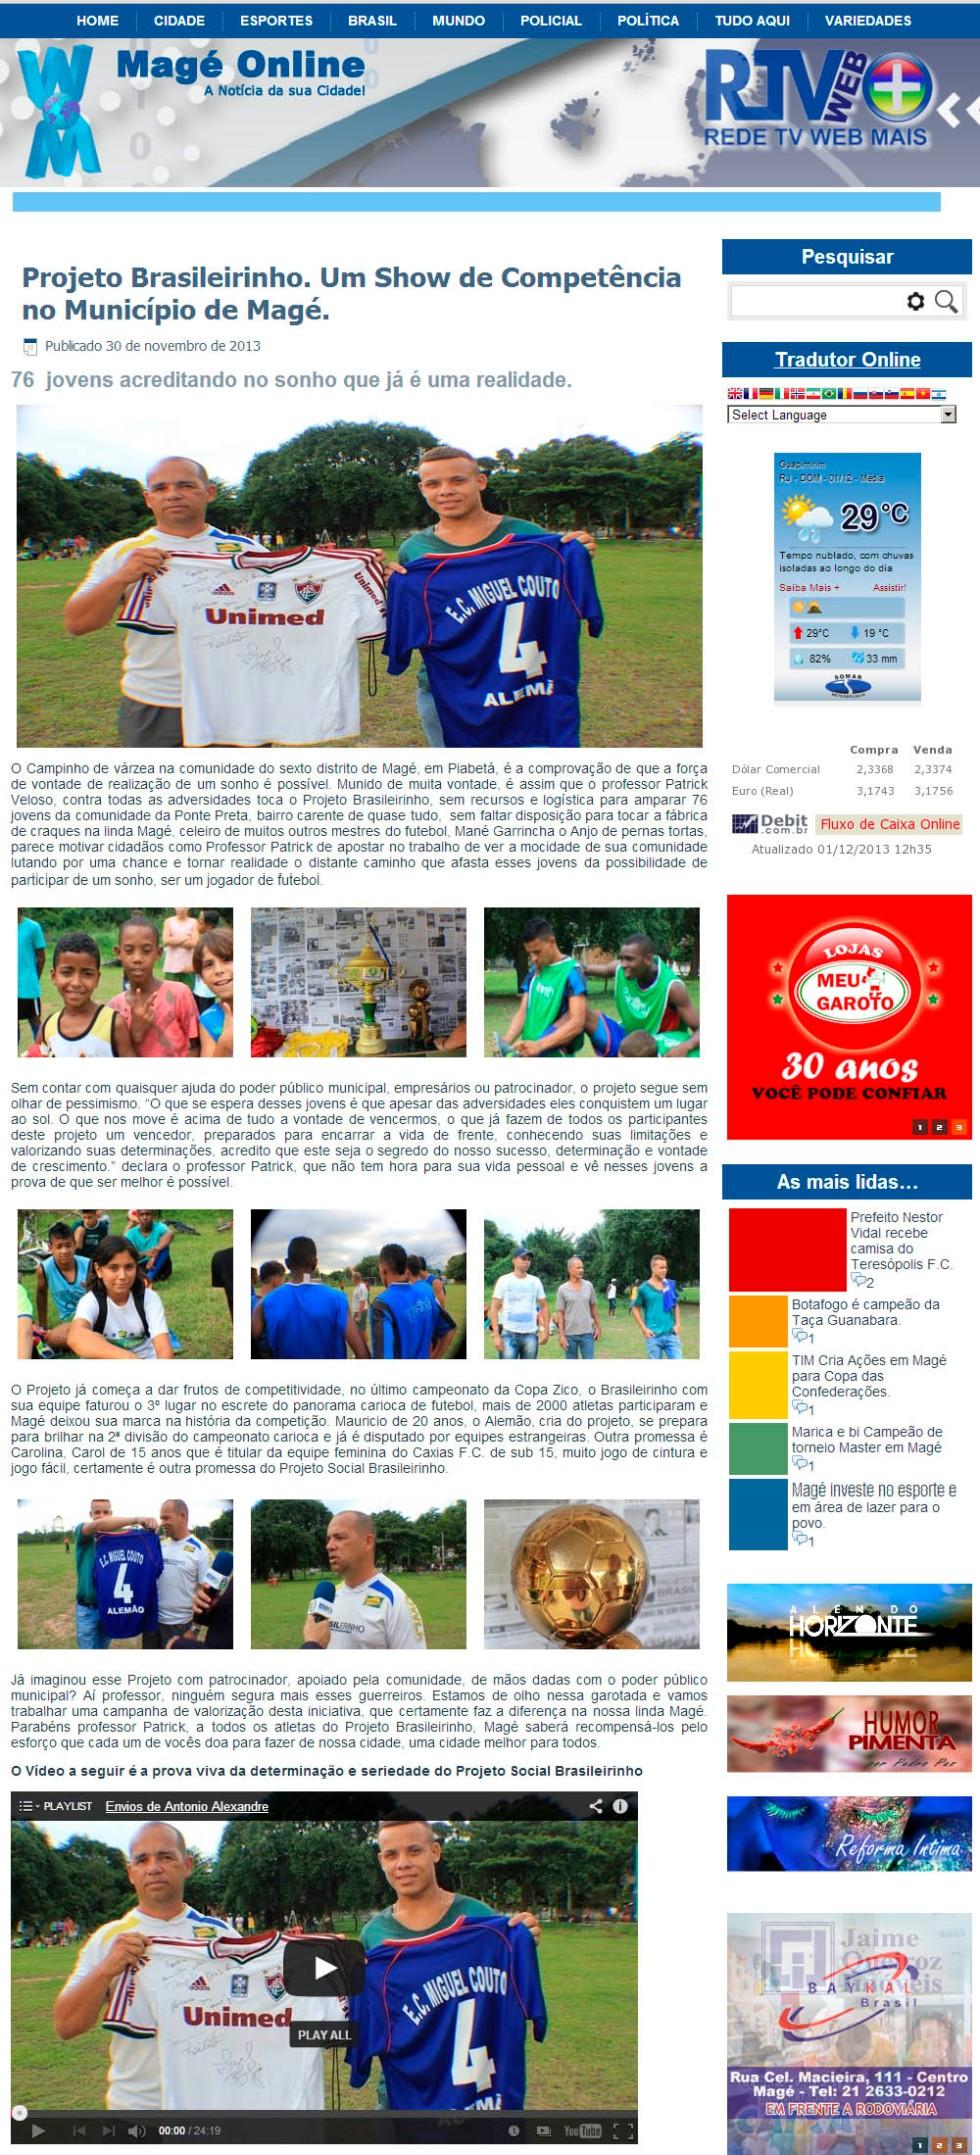 Atualização de status De Antonio Alessandro Projeto Brasileirinho. Um Show de Competência no Município de Magé.  http://mageonline.com/2013/?p=58645